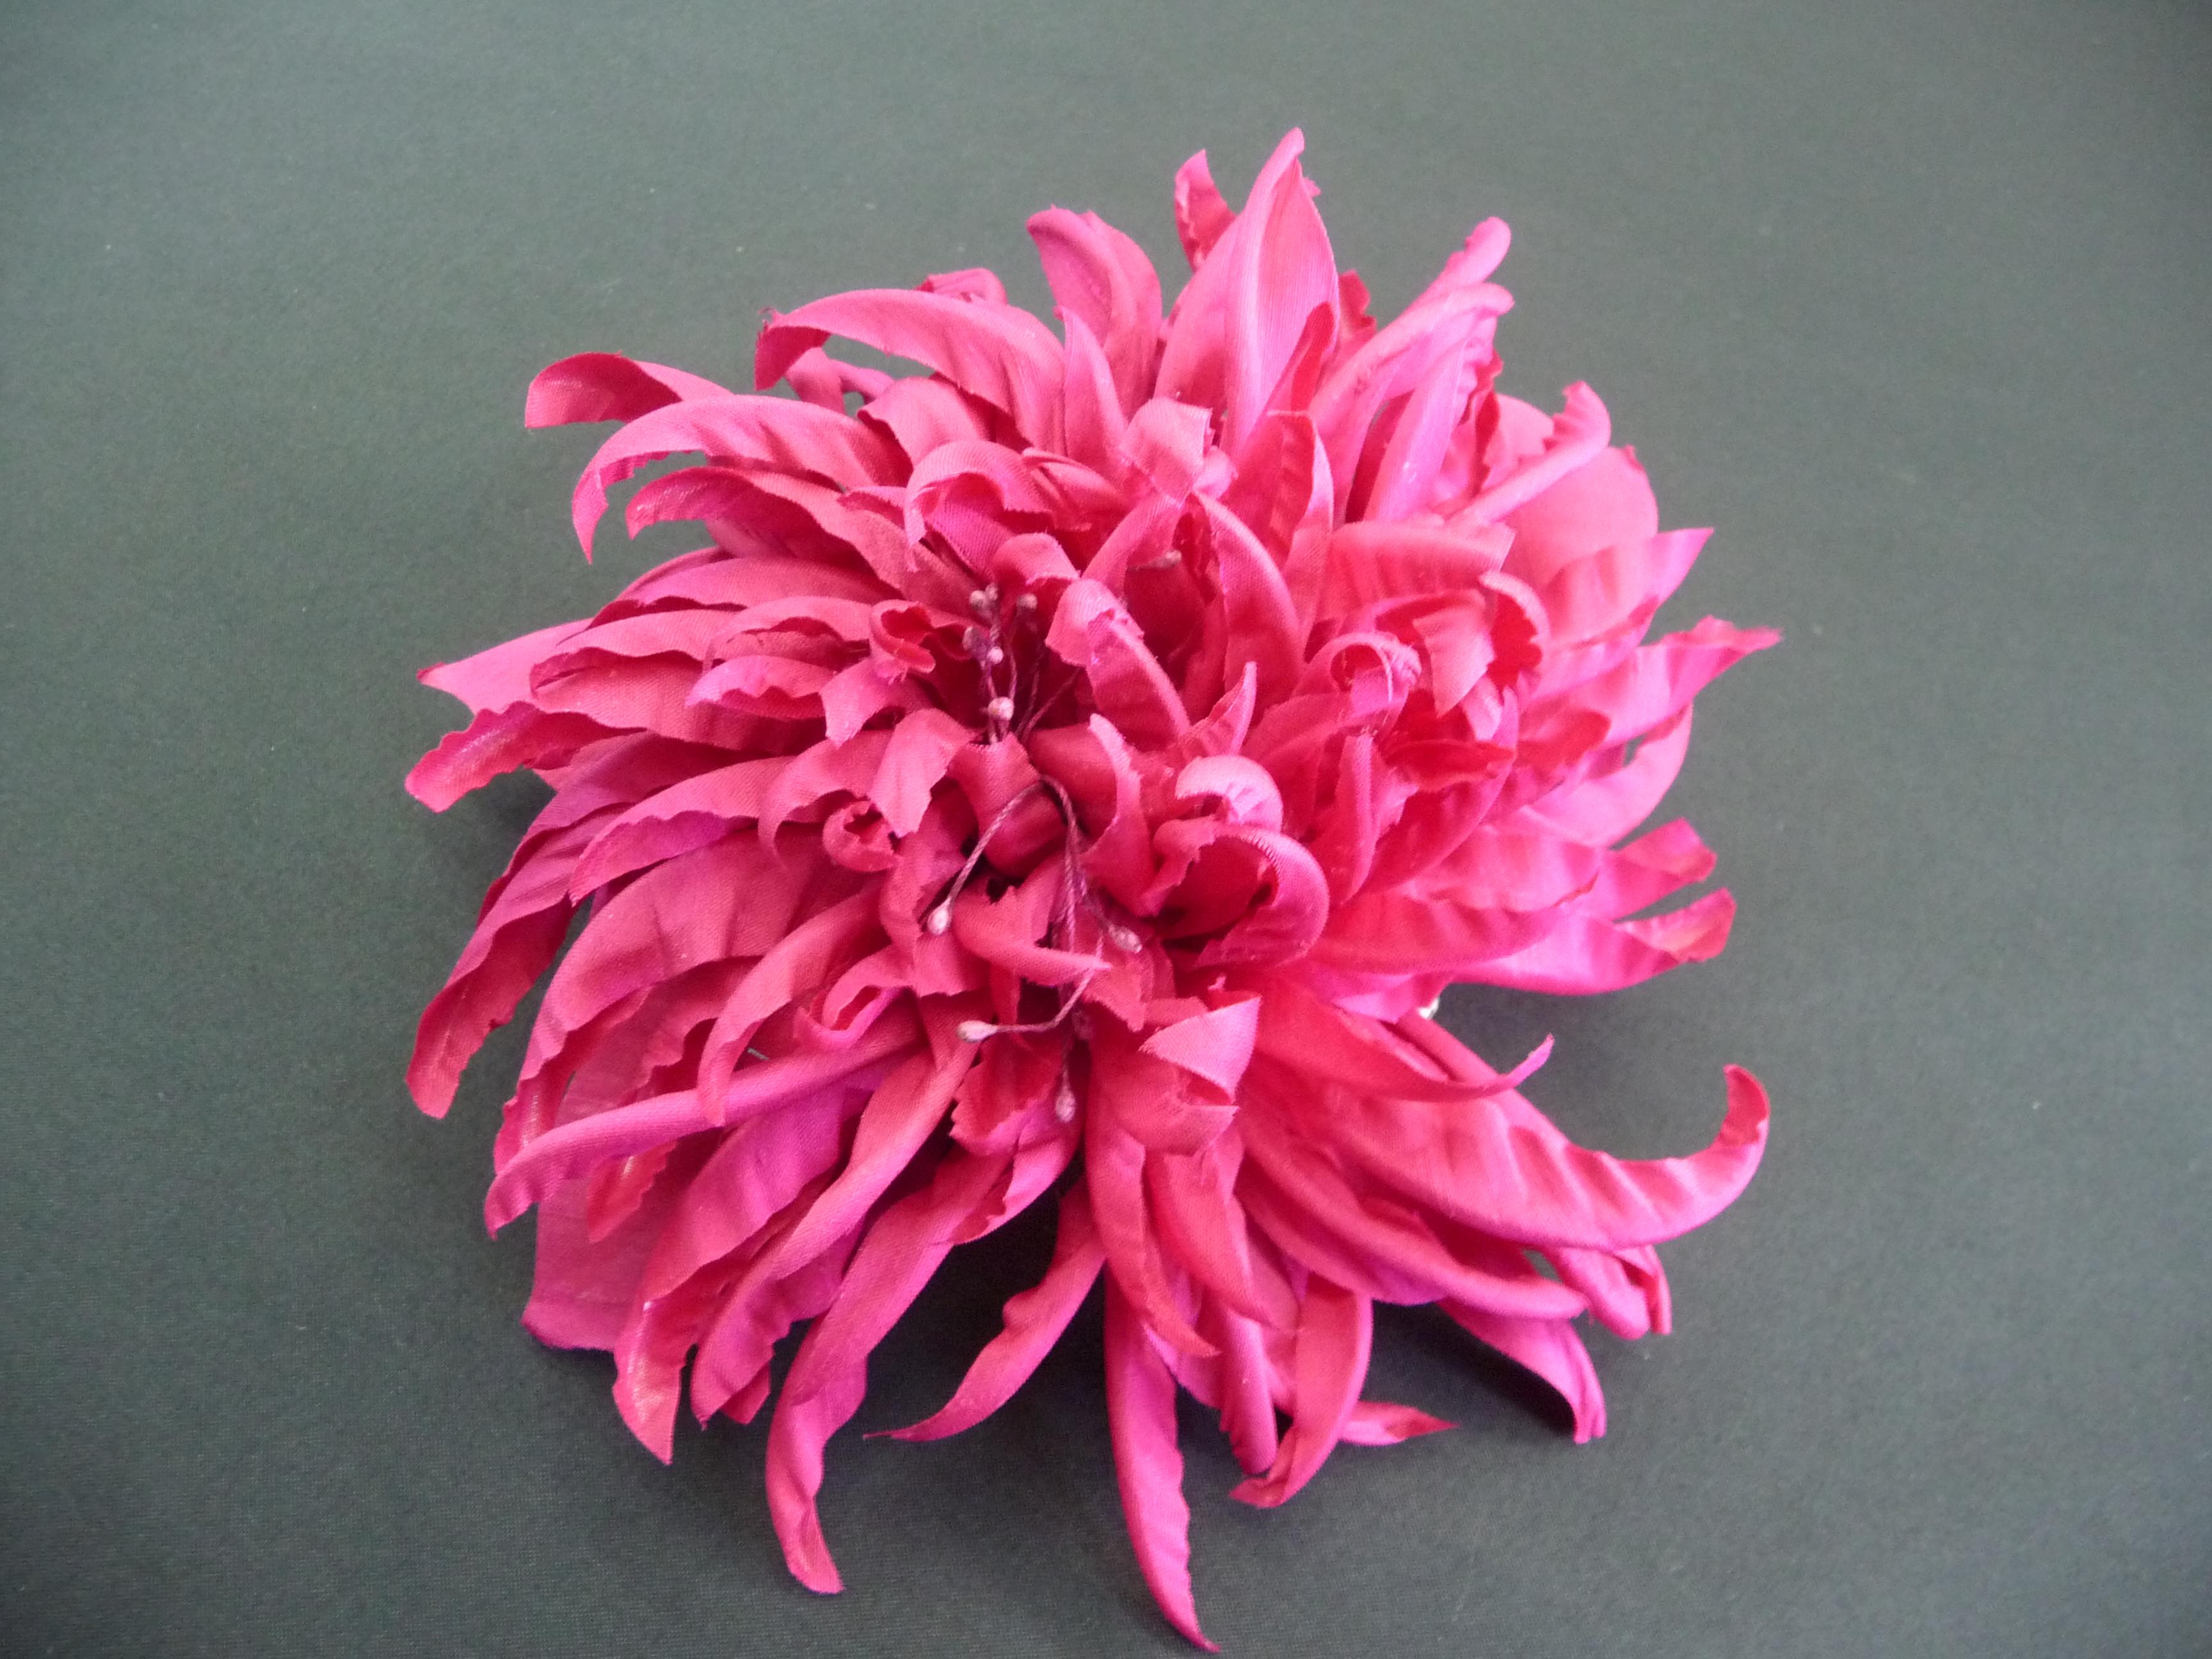 Flores hechas a mano de tela imagui - Flores de telas hechas a mano ...